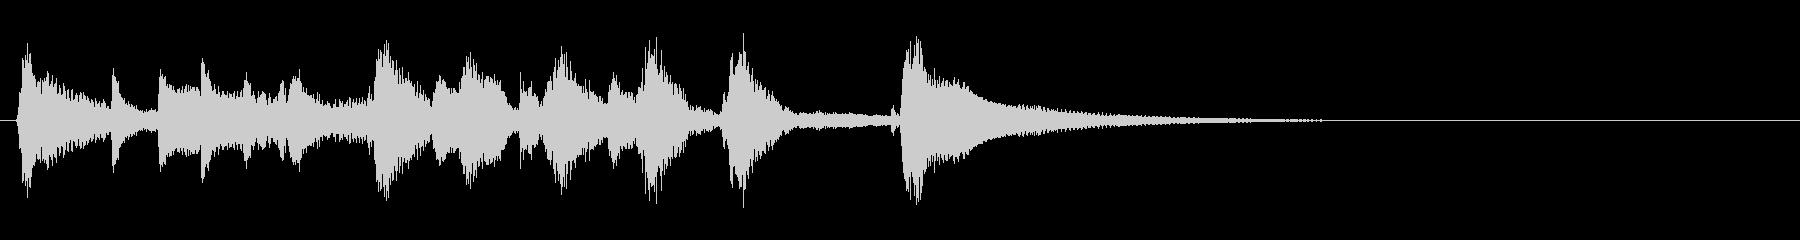 スチールパンとウクレレの明るいジングルの未再生の波形